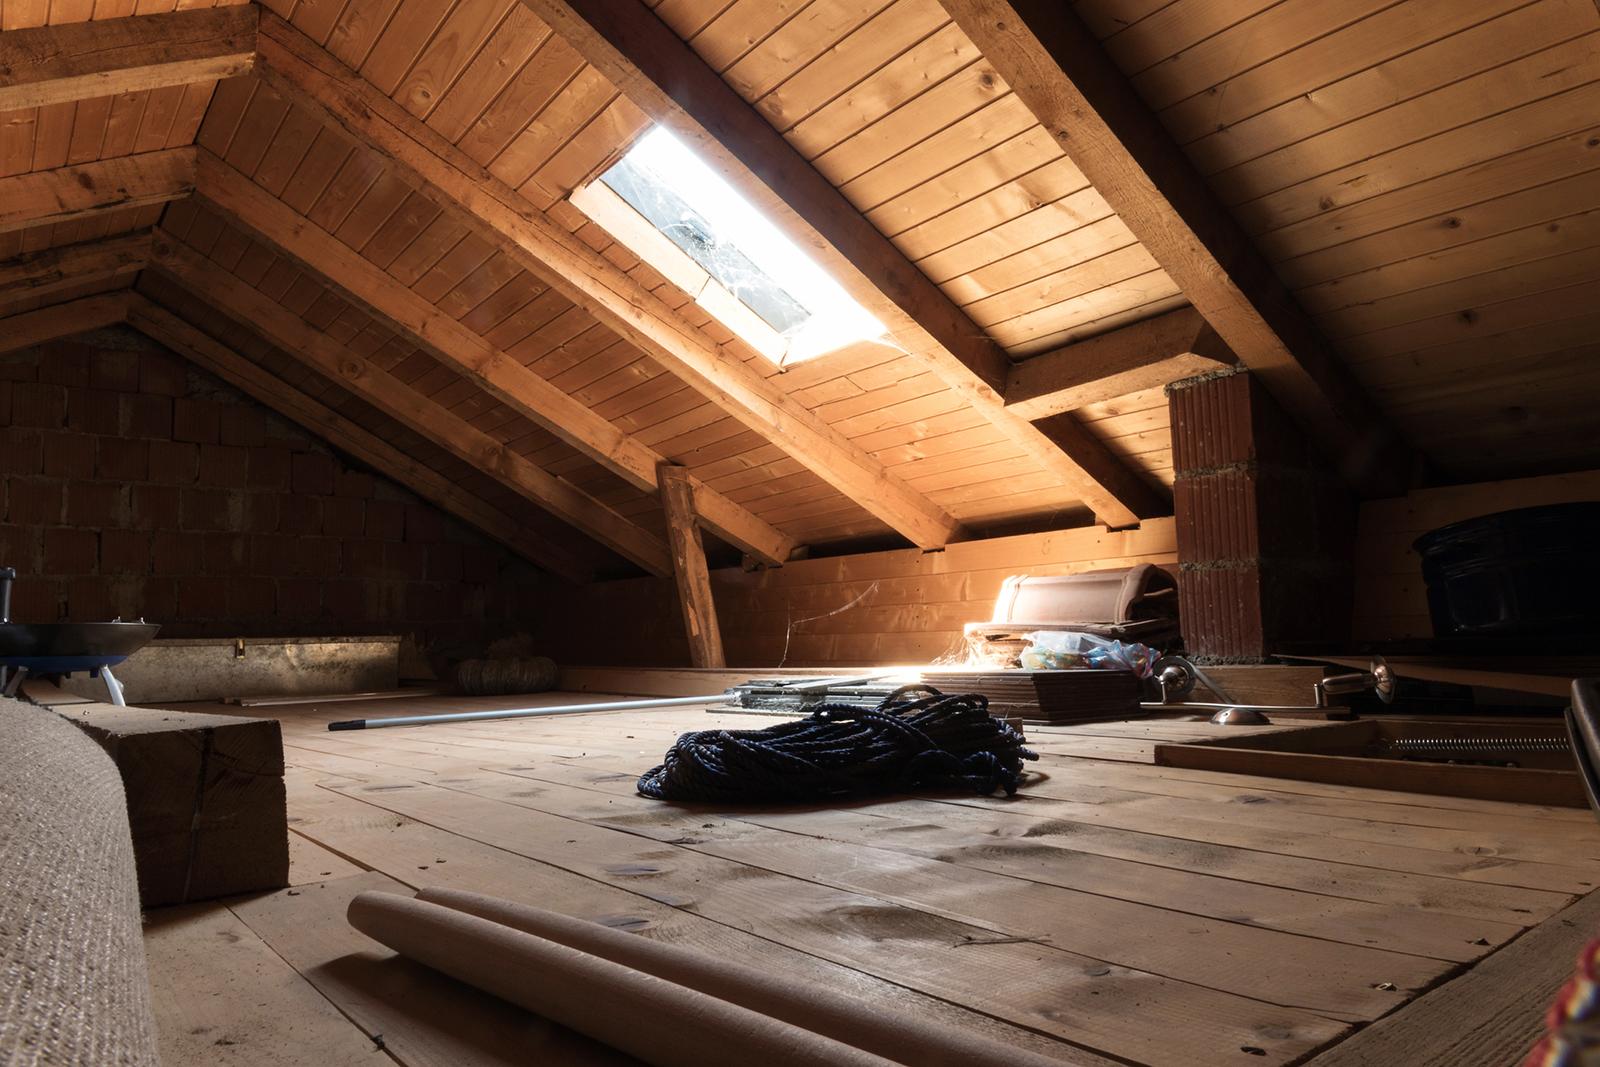 Bestandsaufnahme: Der vorhandene Raum muss nicht nur bautechnisch, sondern auch auf die eigenen Vorstellungen hin geprüft werden.